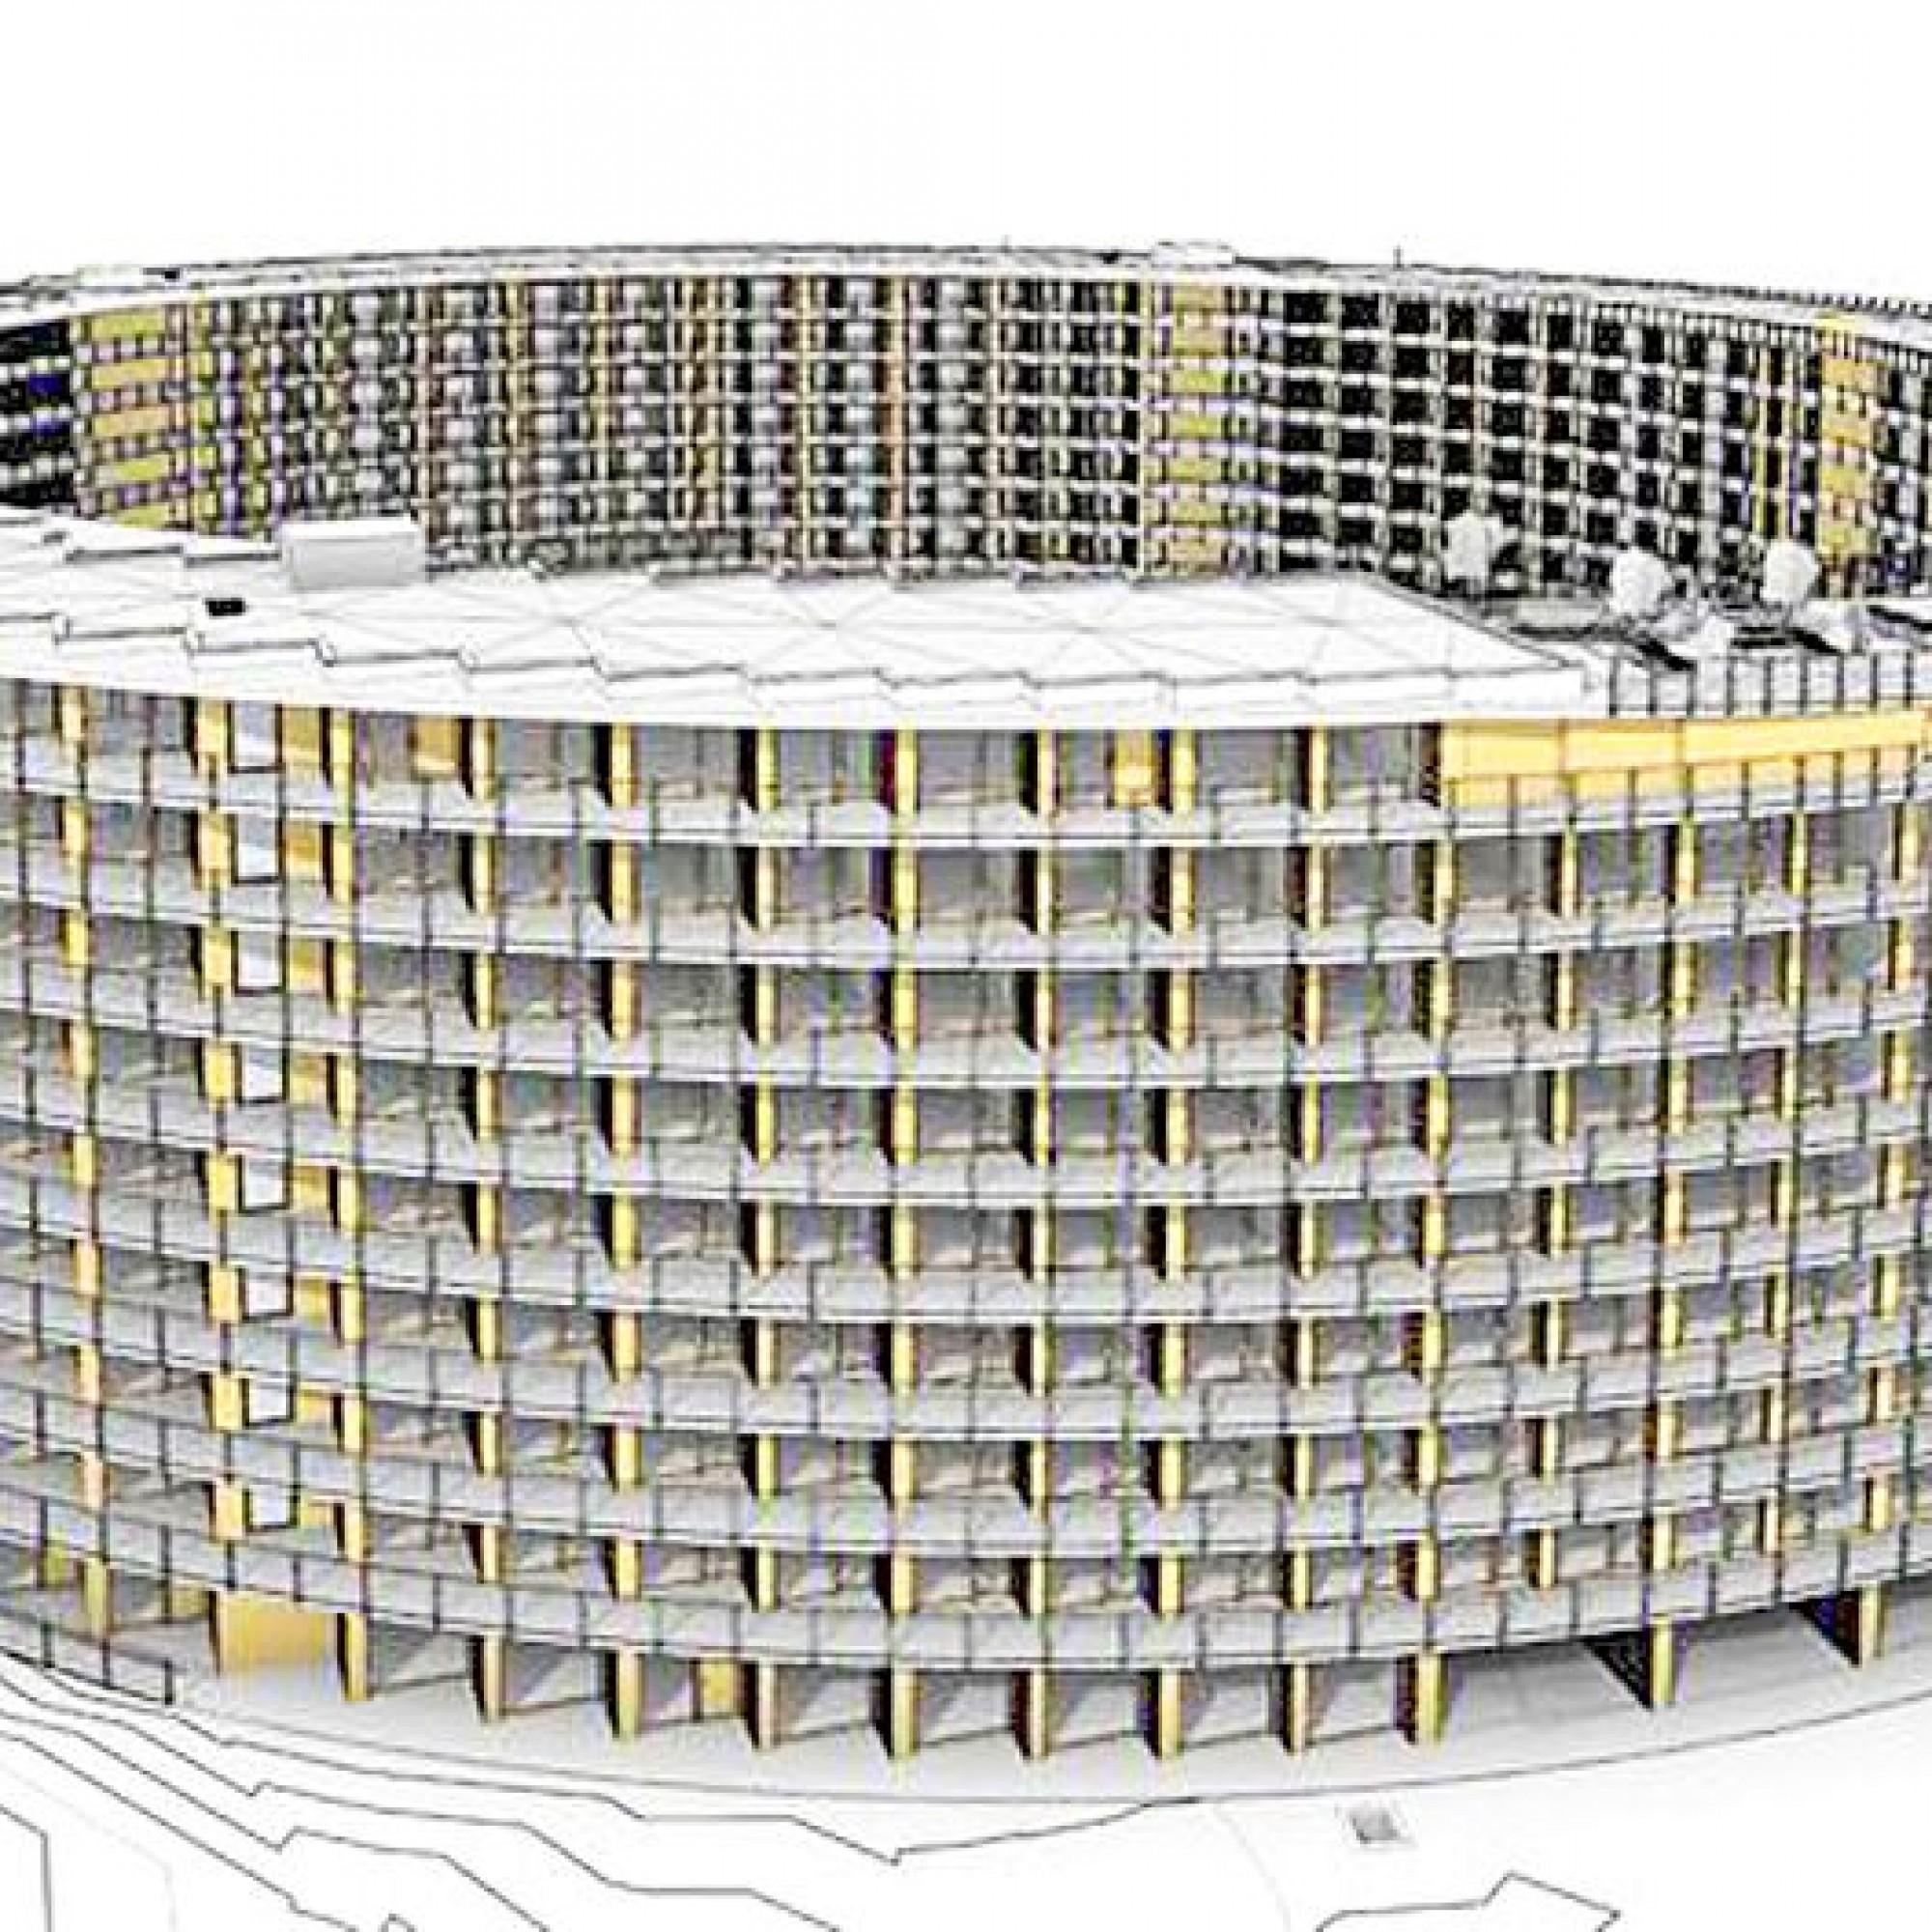 Das fertige Gebäude in einer Visualisierung: Neben den PV-Paneelen ist rechts die Dachterrasse zu sehen, die eine Caféteria aufweist und sich als Rampe sanft zum darunterliegenden Stockwerk neigt. Komplett ebene Flächen sind im aussergewöhnlichen Bau eine